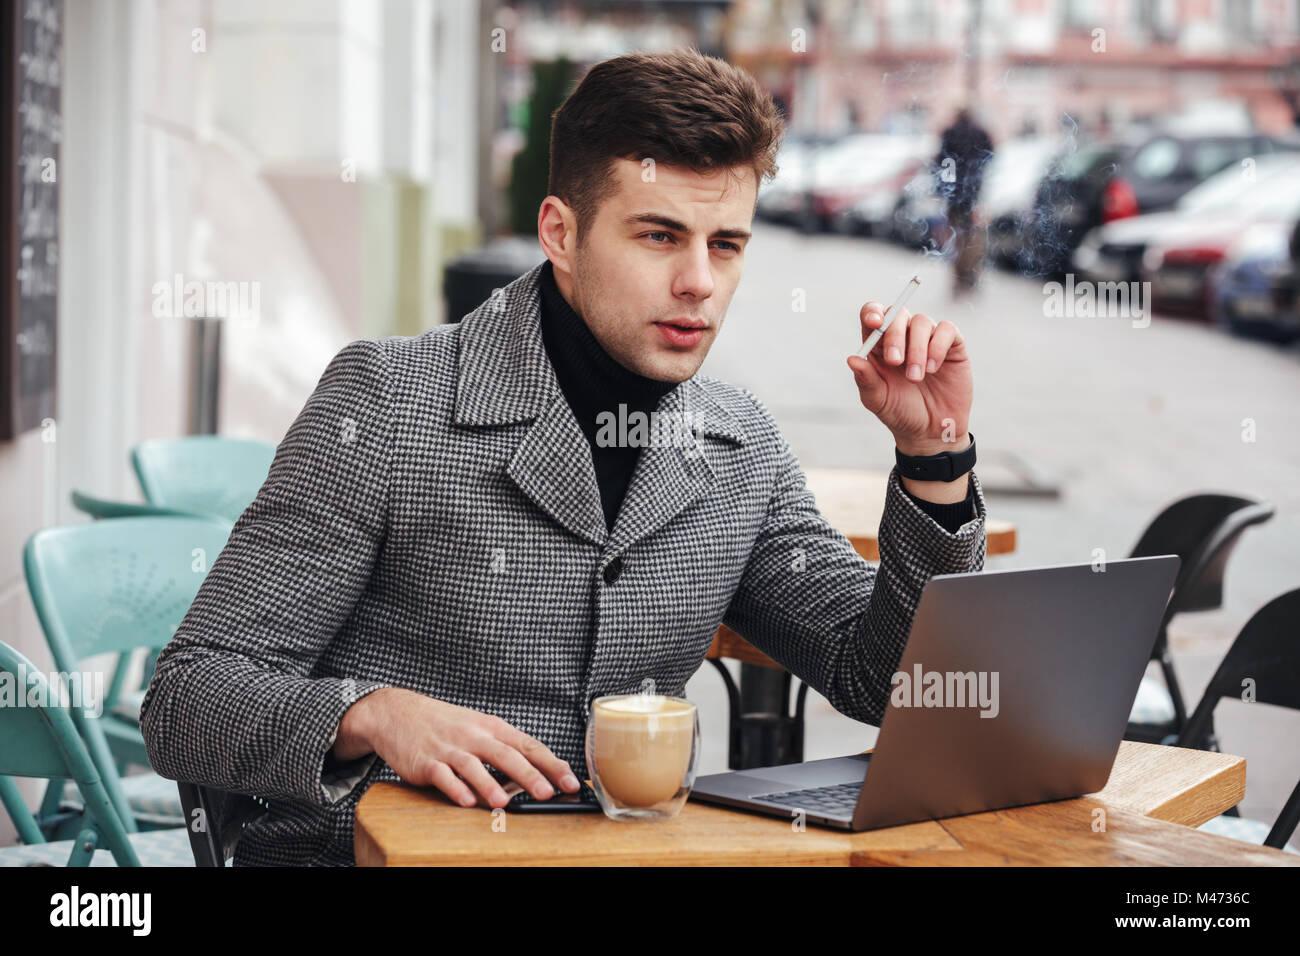 Foto del empresario con elegante aspecto melancólico sentado en el cafe fuera de fumar cigarrillos y beber cappuccino Foto de stock